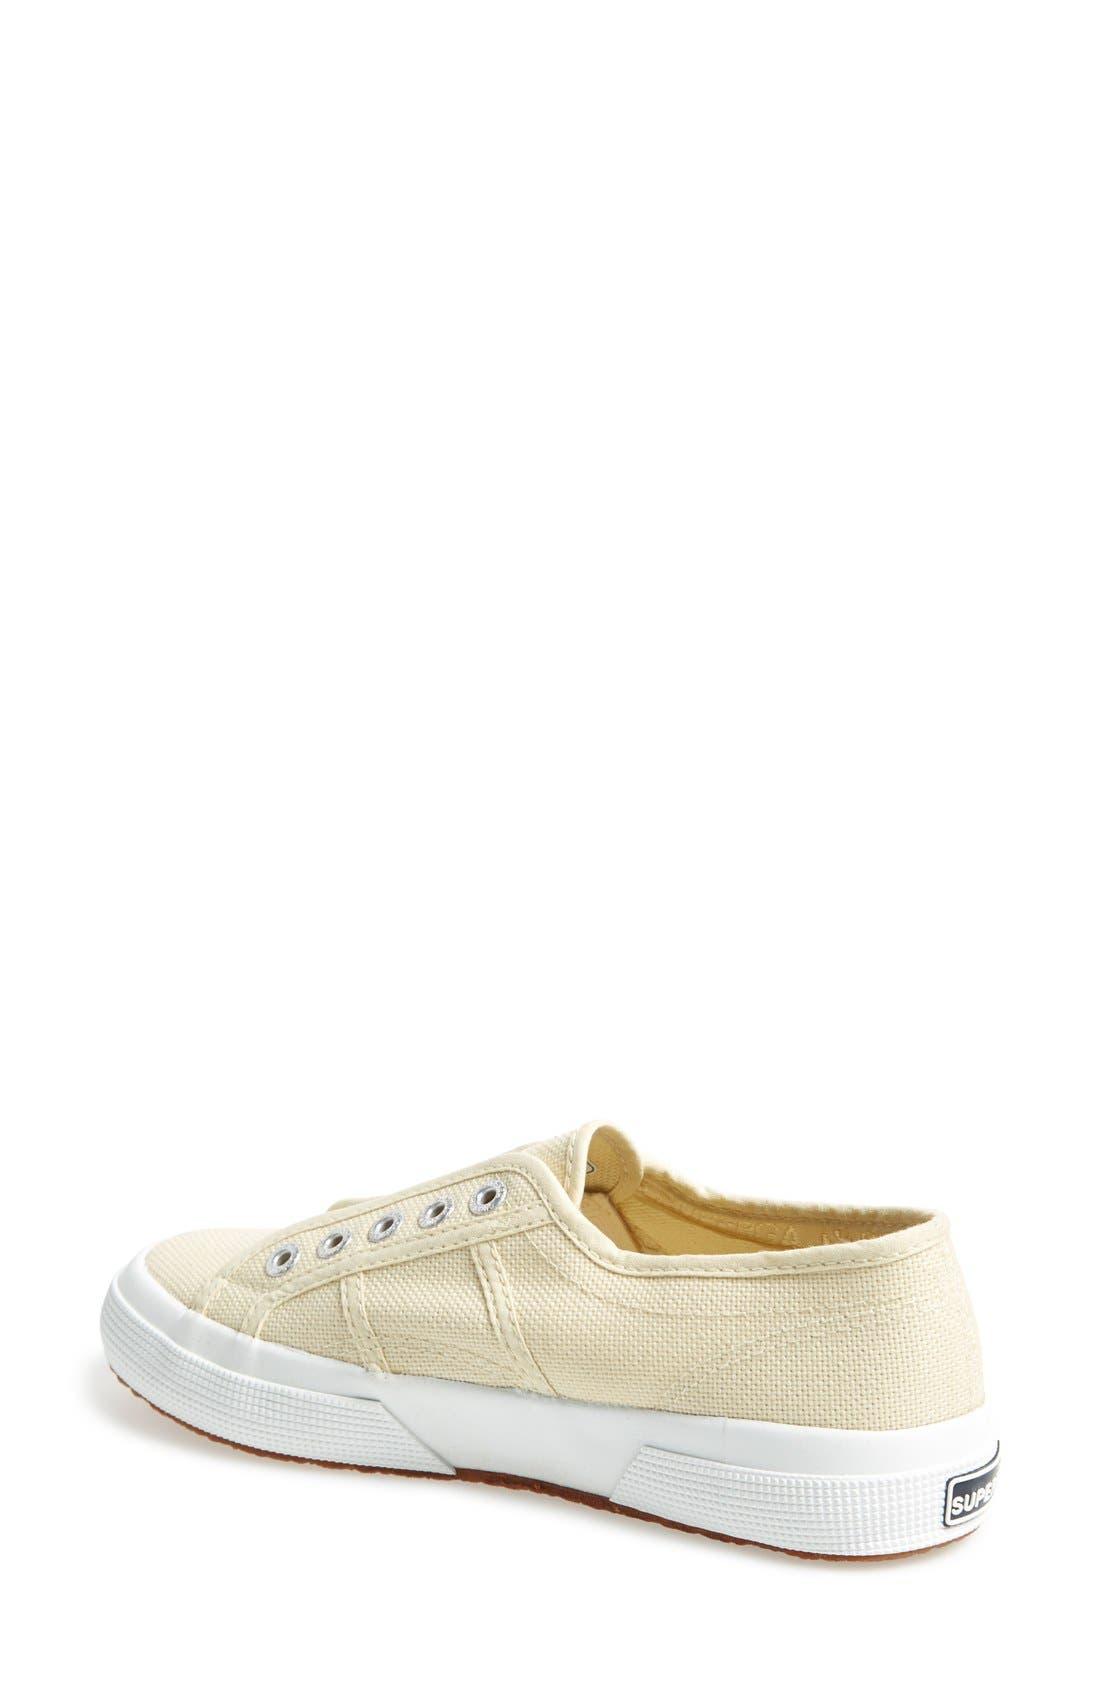 Alternate Image 2  - Superga 'Cotu' Slip-On Sneaker (Women)